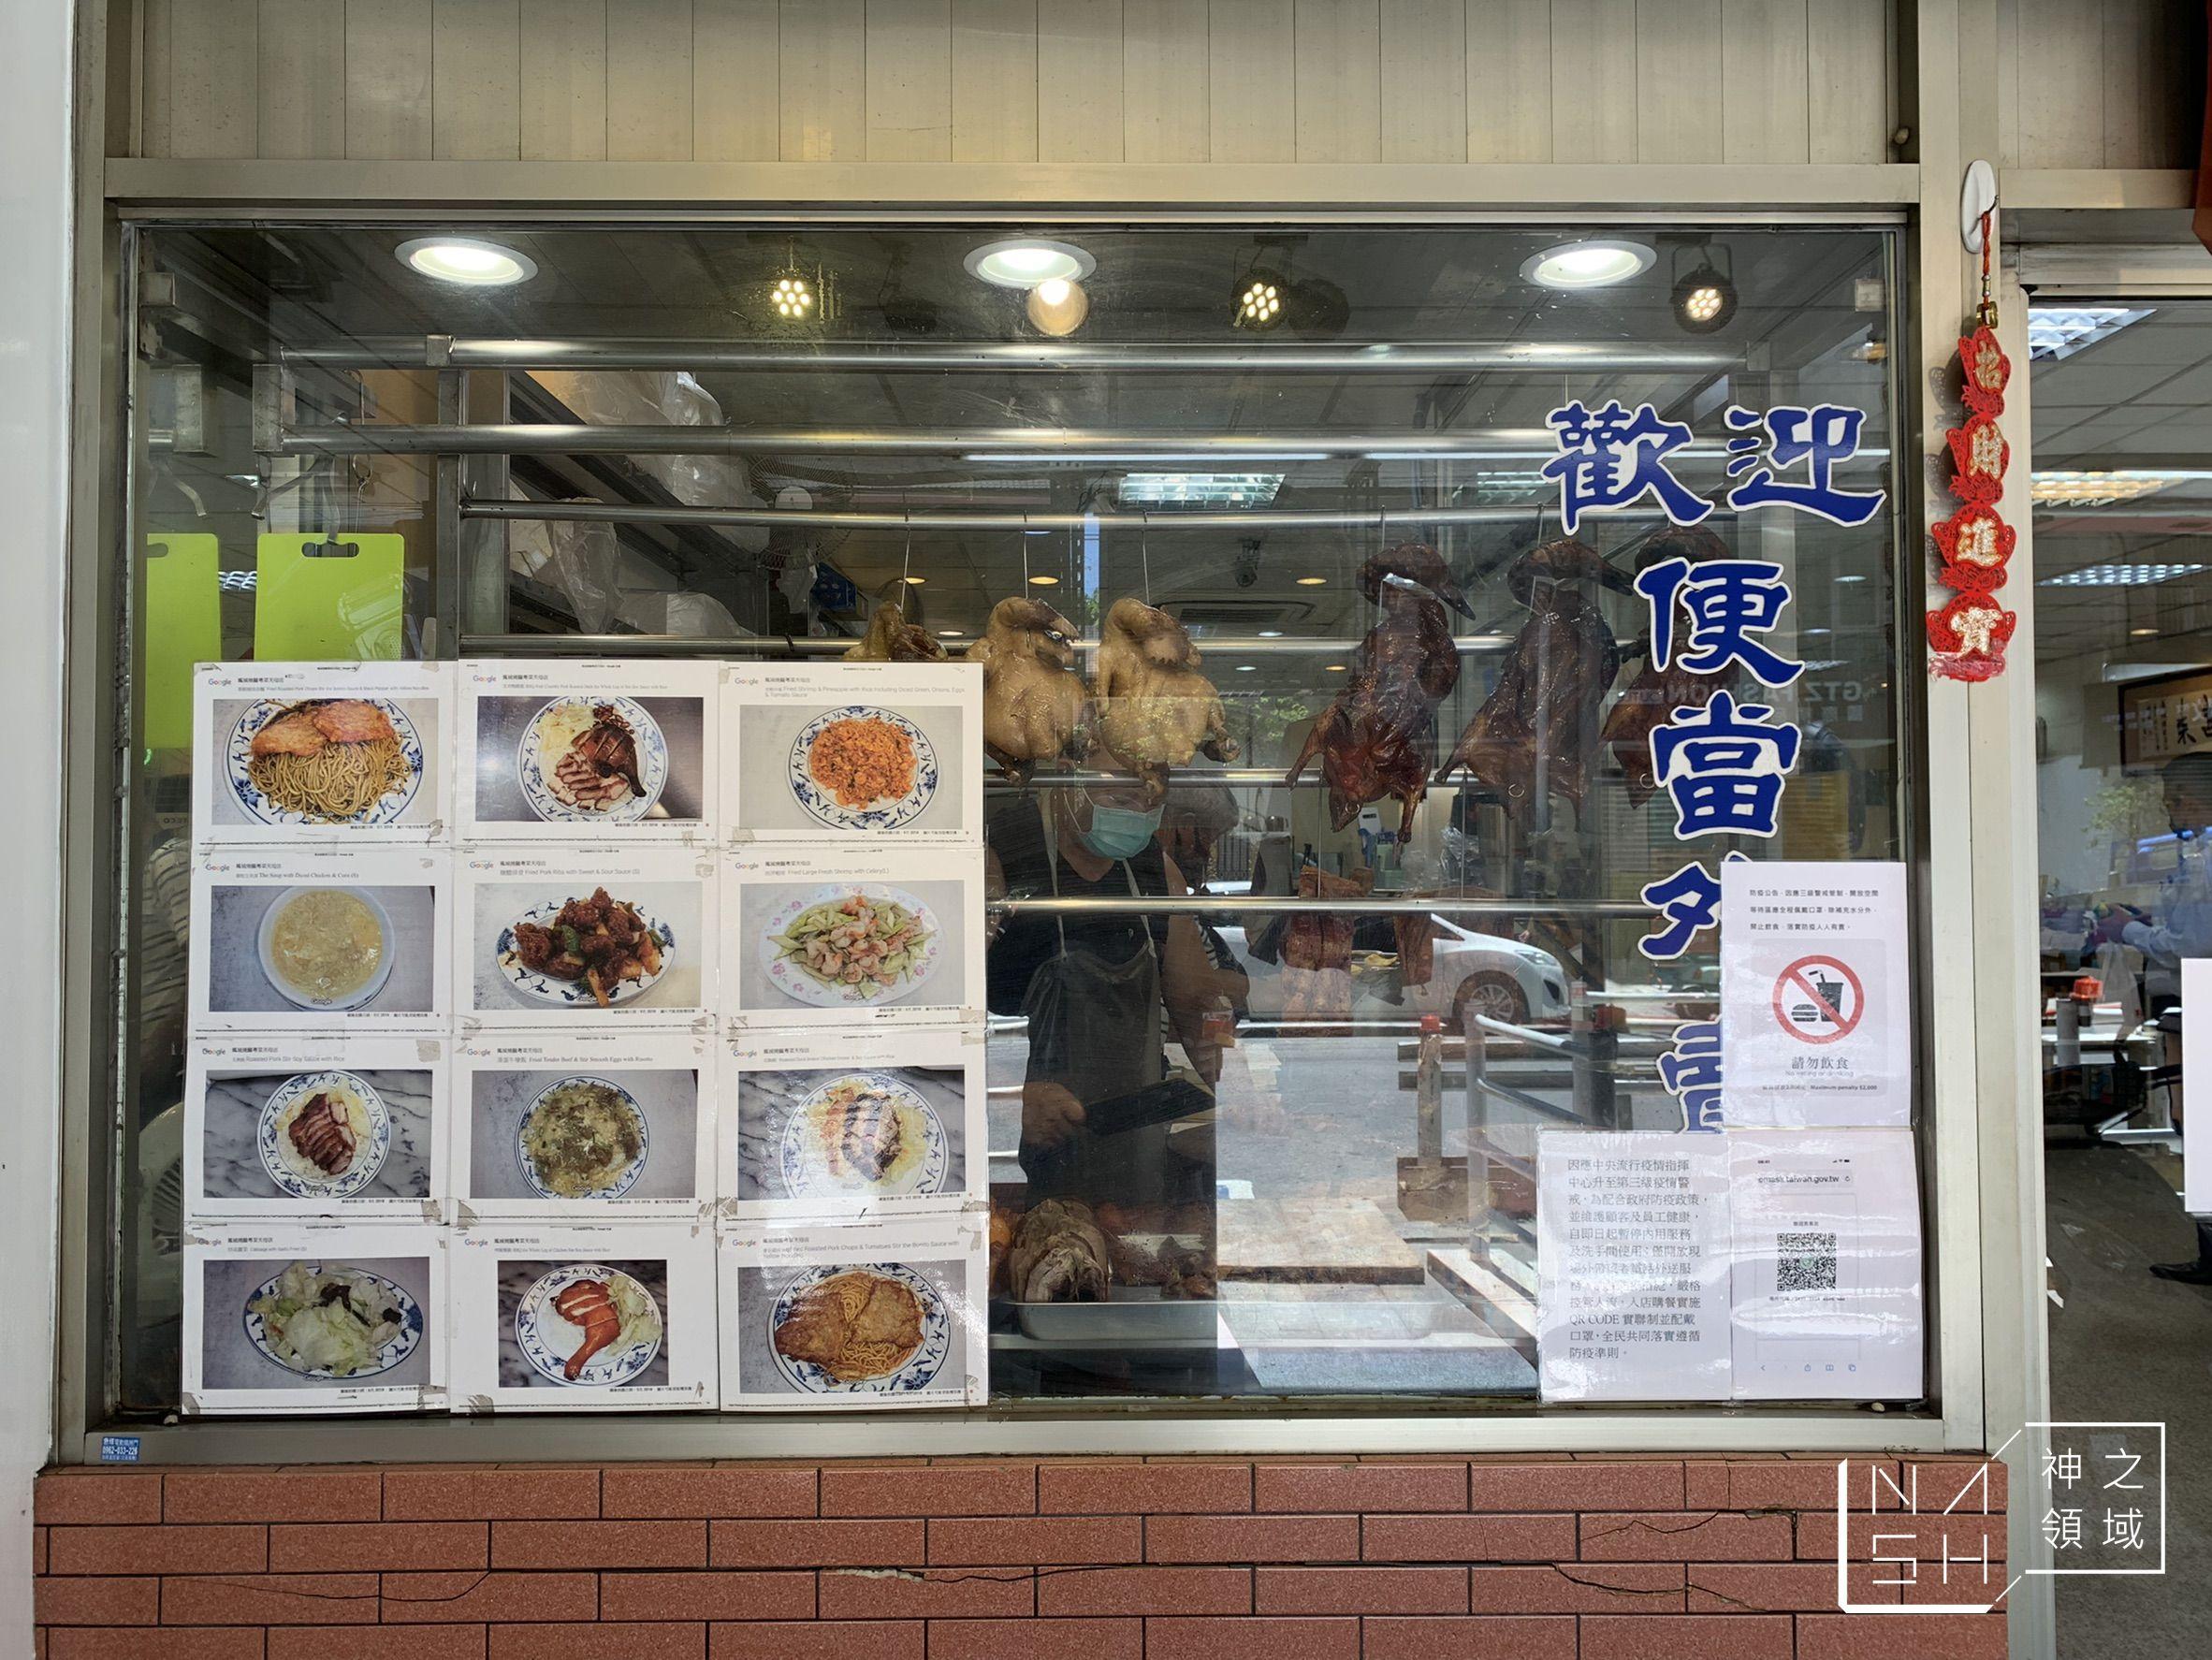 天母美食,鳳城燒臘,天母美食懶人包,鳳城燒臘天母店